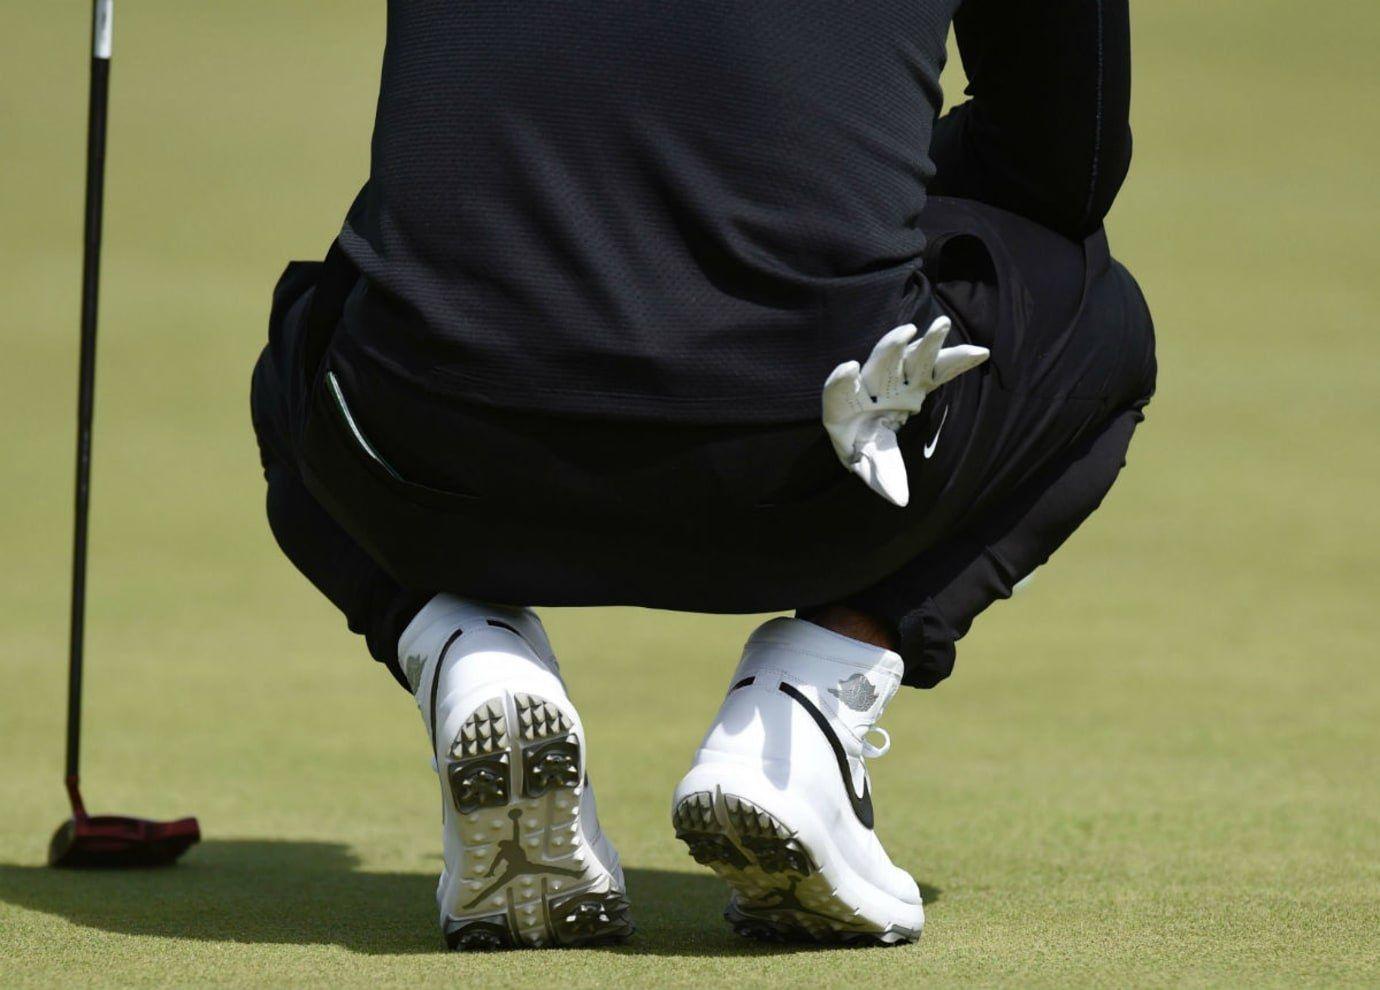 Jason Day Air Jordan 1 Golf Shoes Open